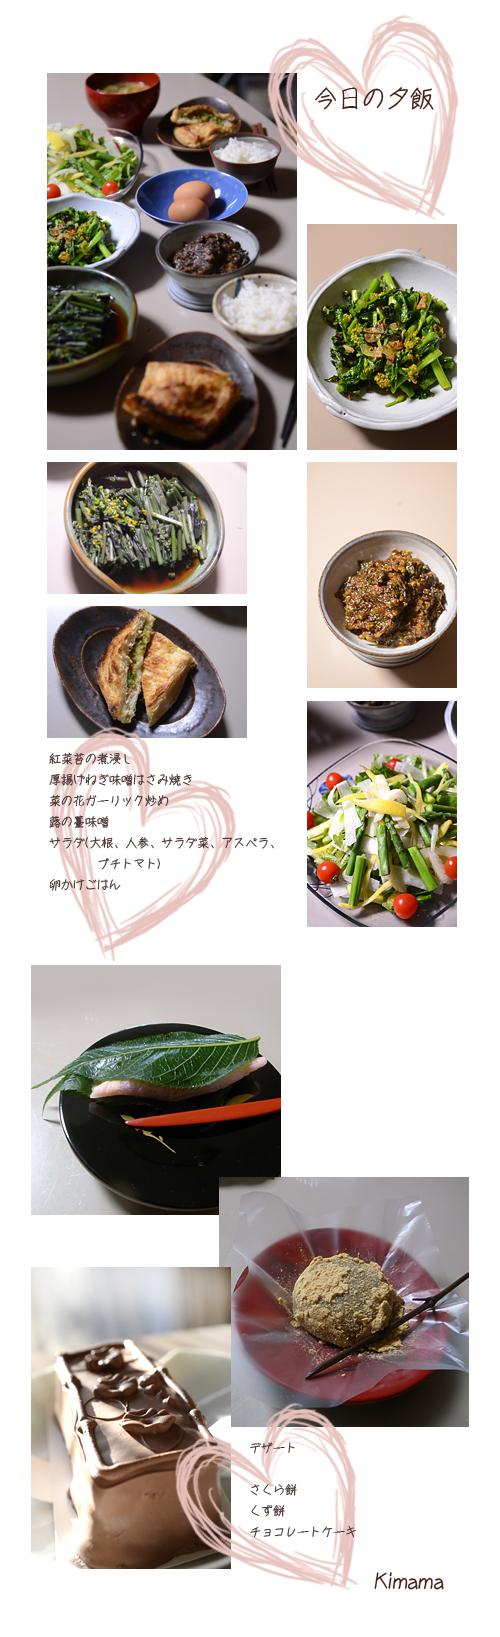 3月12日夕飯